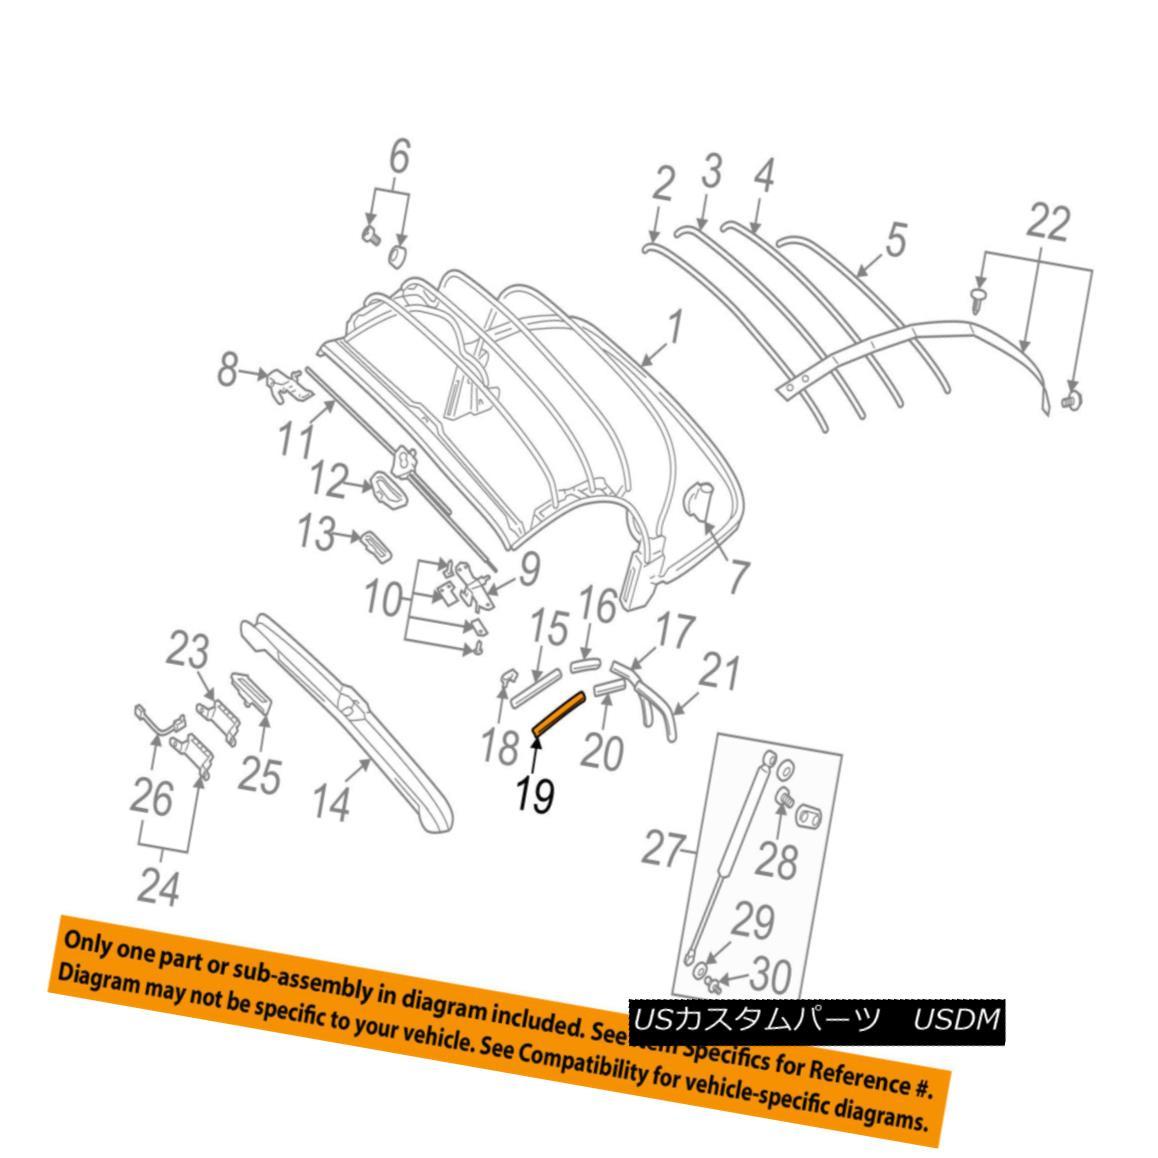 幌・ソフトトップ AUDI OEM 01-06 TT Quattro Convertible/soft Top-Channel Gasket Left 8N7871455 AUDI OEM 01-06 TT Quattro Convertible / so ftトップチャンネルガスケット左8N7871455